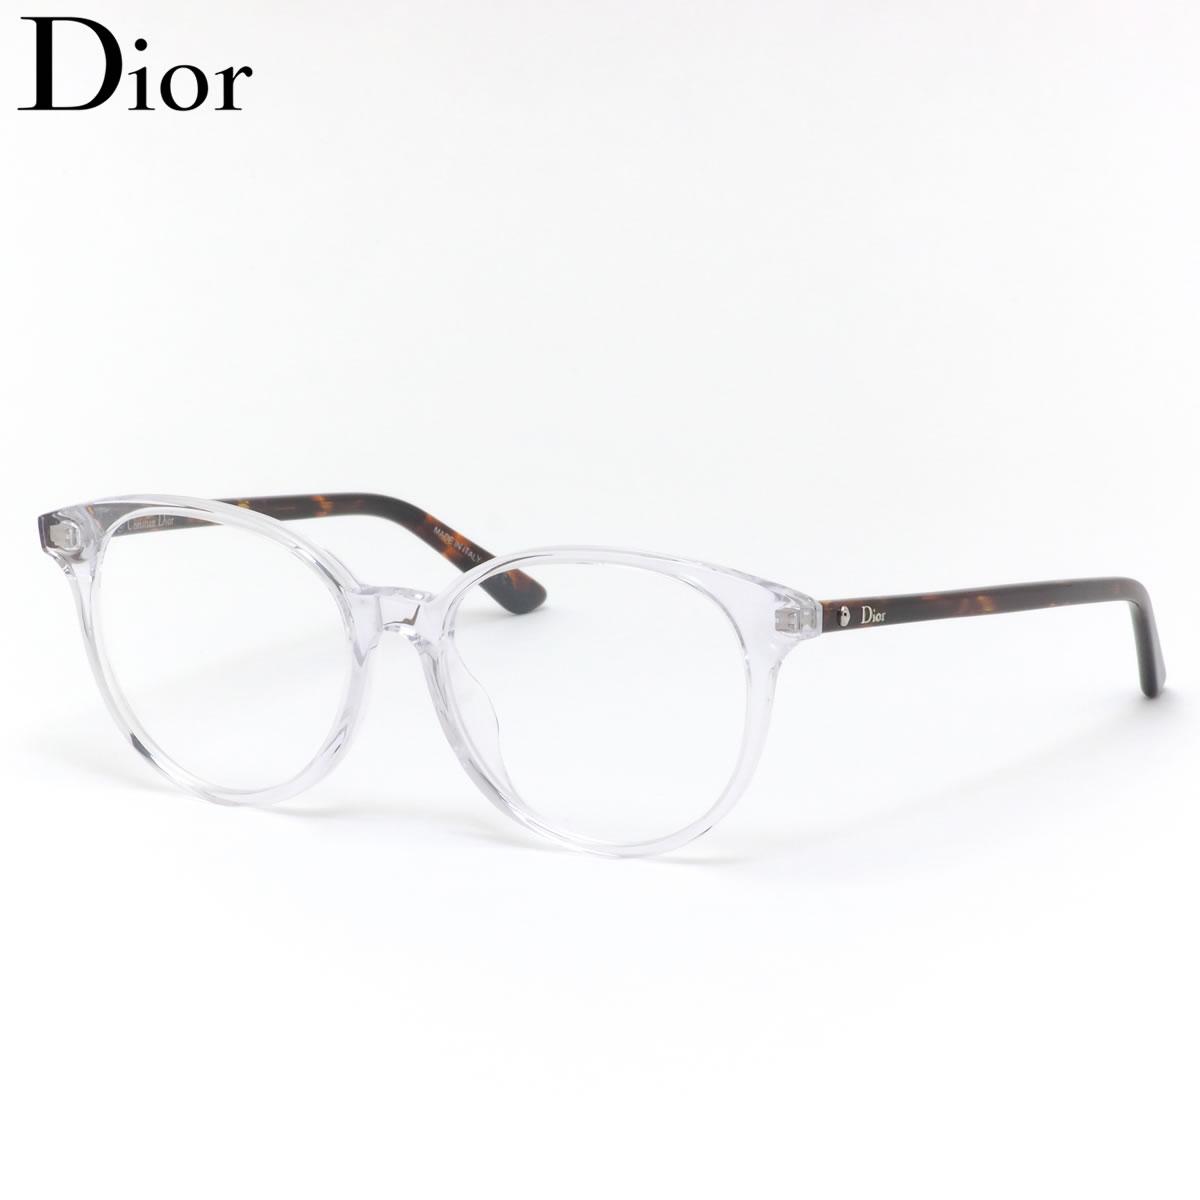 眼鏡・サングラス, 眼鏡 Dior MONTAIGNE47F LWP 51 CD